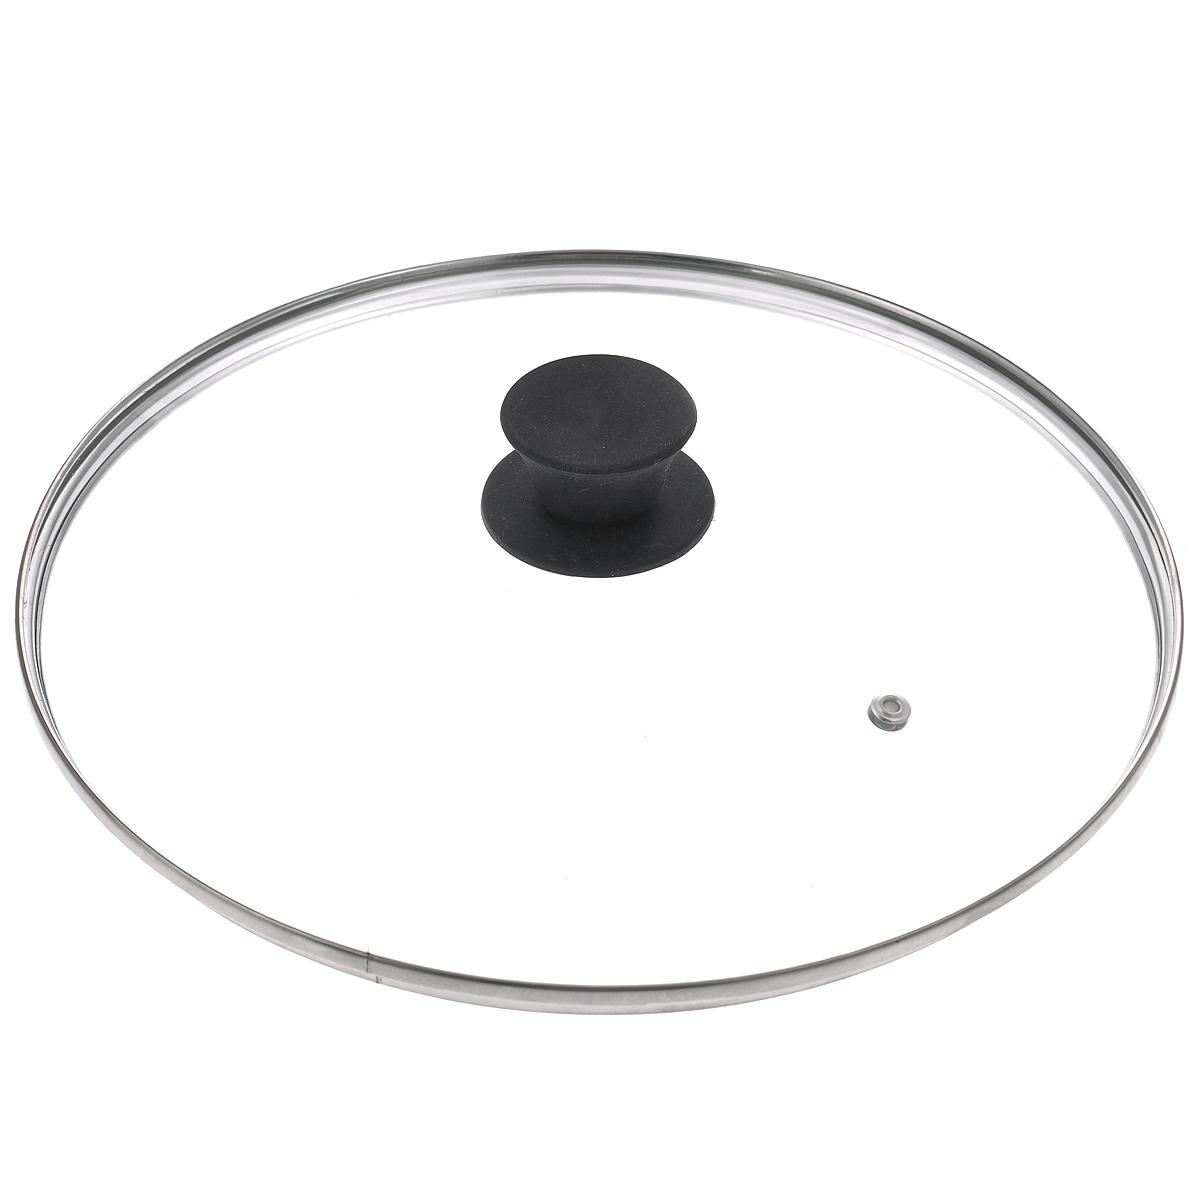 Крышка стеклянная Jarko Silk, цвет: черный. Диаметр 28 см115510Крышка Jarko Silk, изготовленная из термостойкого стекла, позволяет контролировать процесс приготовления пищи без потери тепла. Ободок из нержавеющей стали предотвращает сколы на стекле. Крышка оснащена отверстием для паровыпуска. Эргономичная силиконовая ручка не скользит в руках и не нагревается в процессе приготовления пищи.